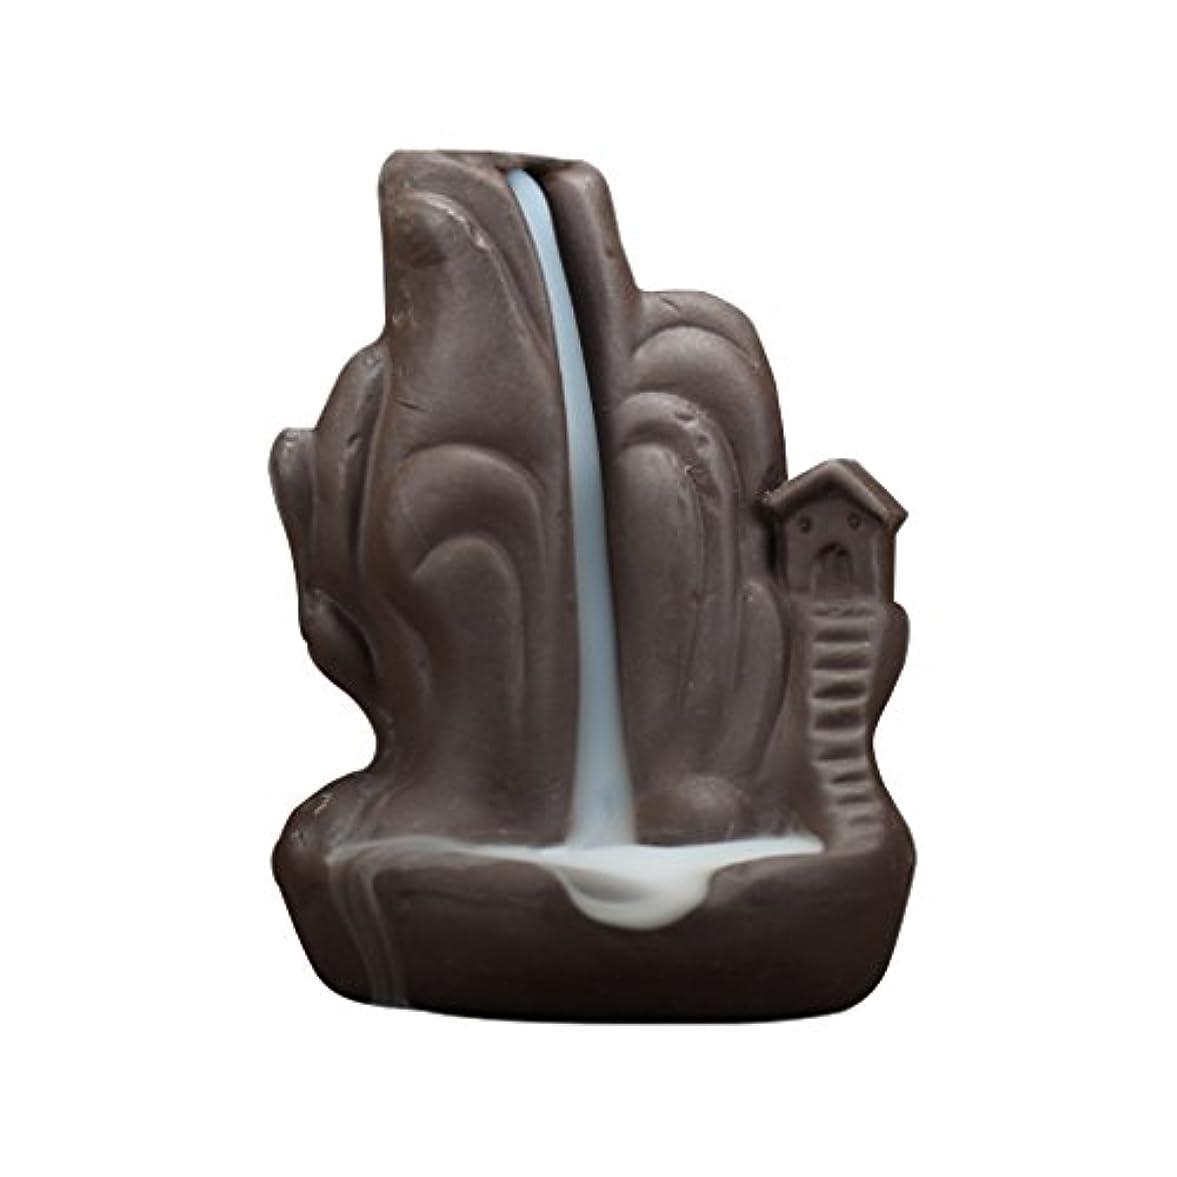 機関車名詞製作セラミック 香炉 繊細 絶妙 デザイン 逆流香 香炉 コーンホルダー 古典的 装飾 全4種 - 褐色, 説明したように